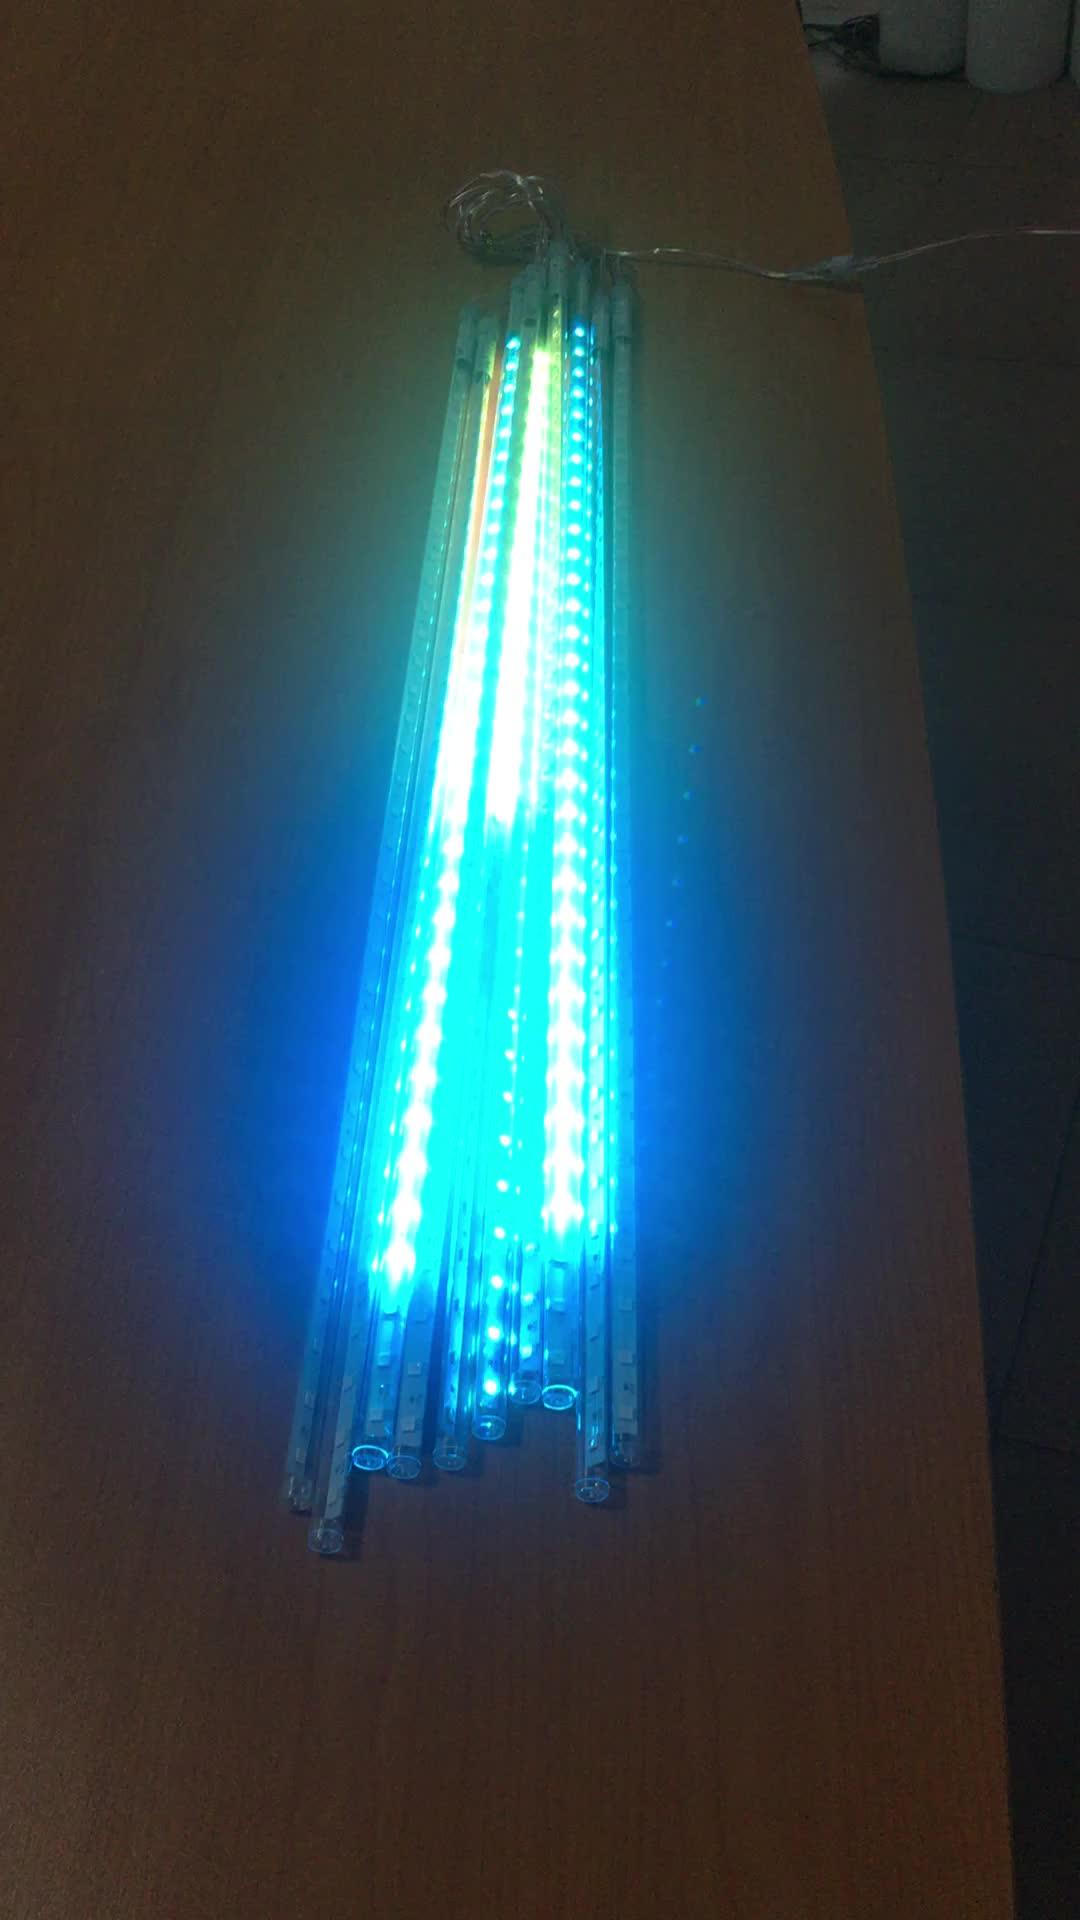 निविड़ अंधकार 50 cm 10 ट्यूब छुट्टी उल्का वर्षा एलईडी स्ट्रिंग रोशनी इनडोर, आउटडोर उद्यान के लिए dmx आउटडोर पेड़ बारिश ड्रॉप प्रकाश